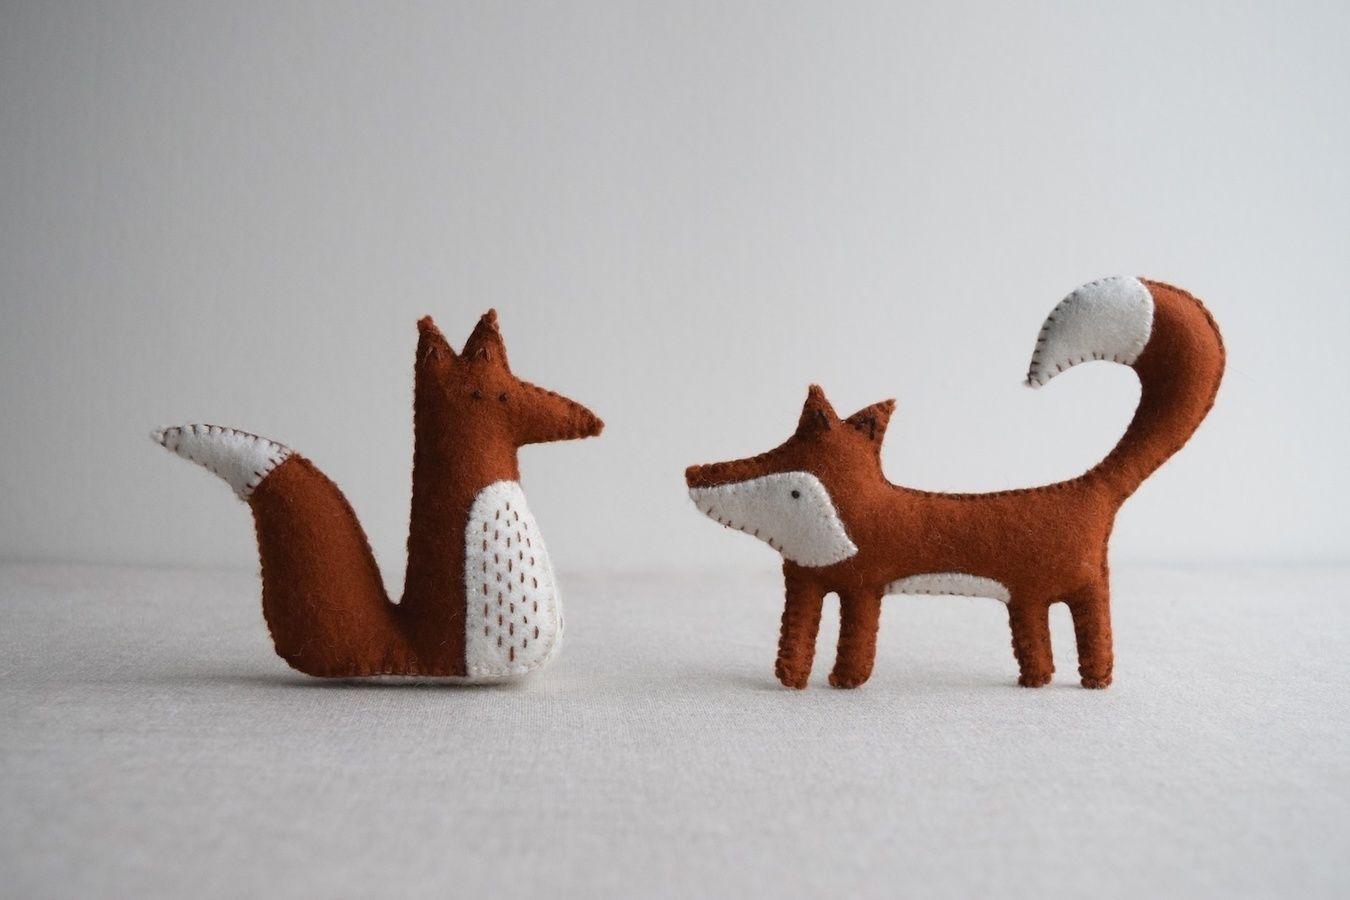 Alphonsus freya fox sewing pattern diy embroidery sewing download alphonsus freya fox sewing pattern diy embroidery sewing pattern for woodland animals softies jeuxipadfo Image collections